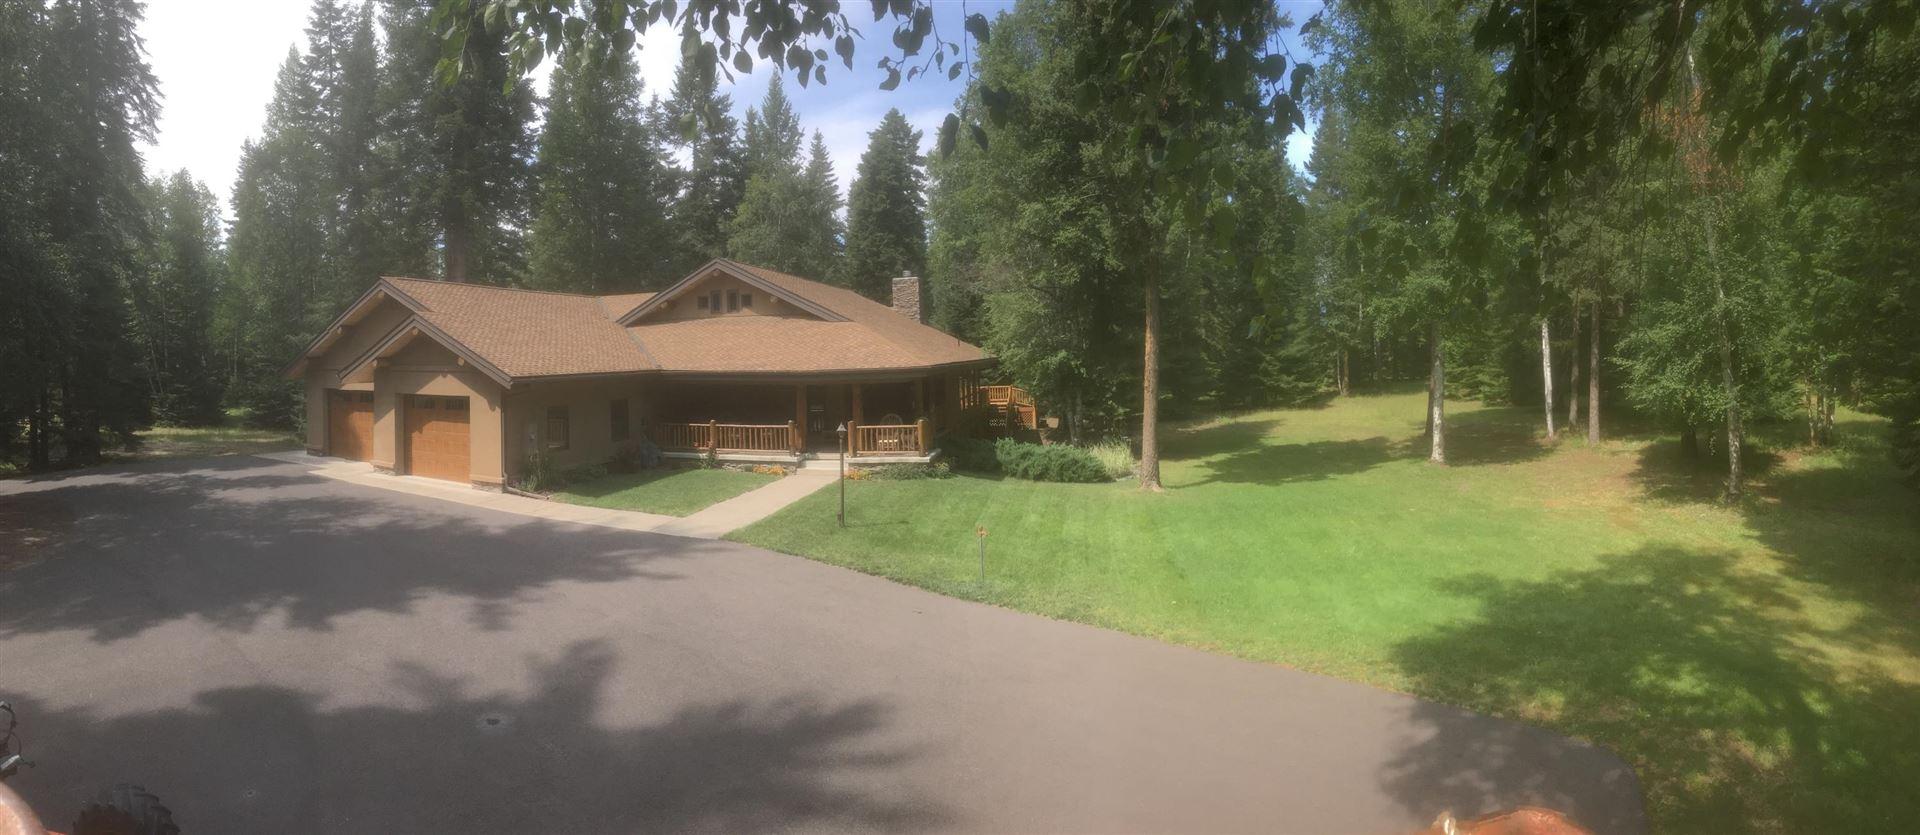 Photo for 1459 Highway 209, Bigfork, MT 59911 (MLS # 22113203)